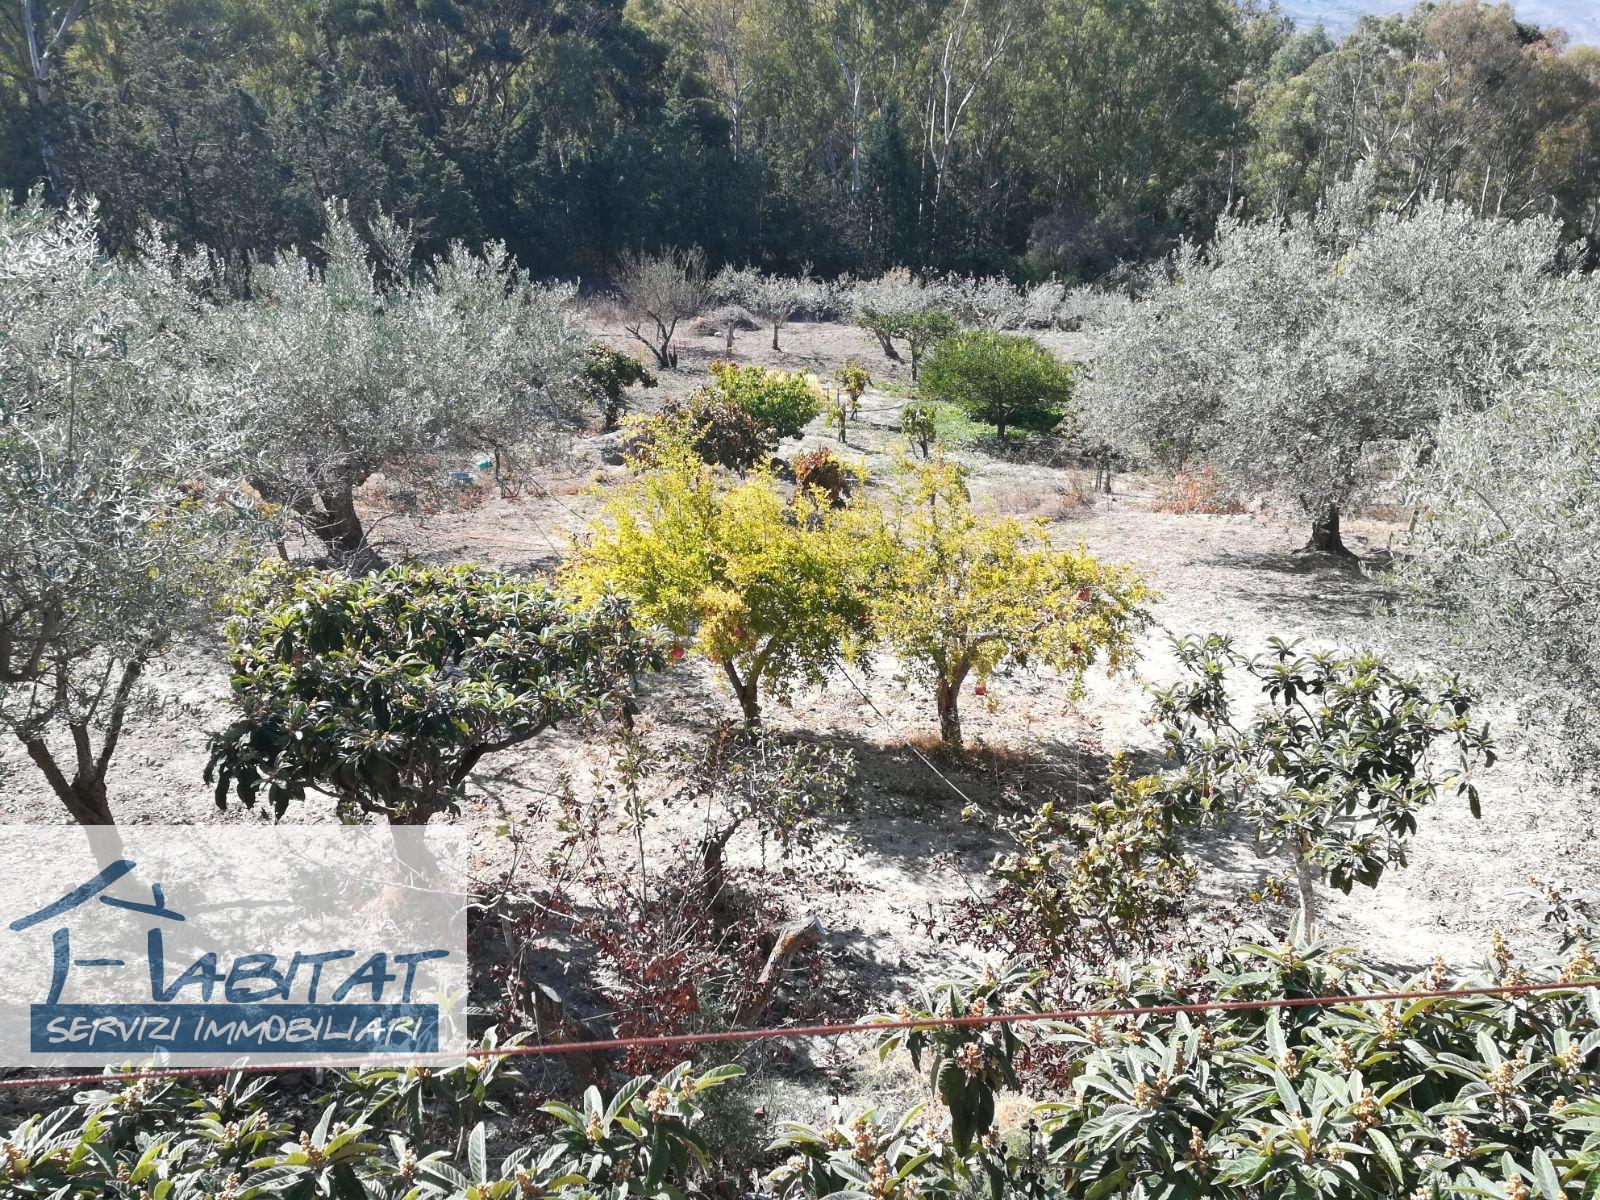 Villa in affitto a Agrigento, 3 locali, zona Località: Quadrivio, prezzo € 300 | CambioCasa.it